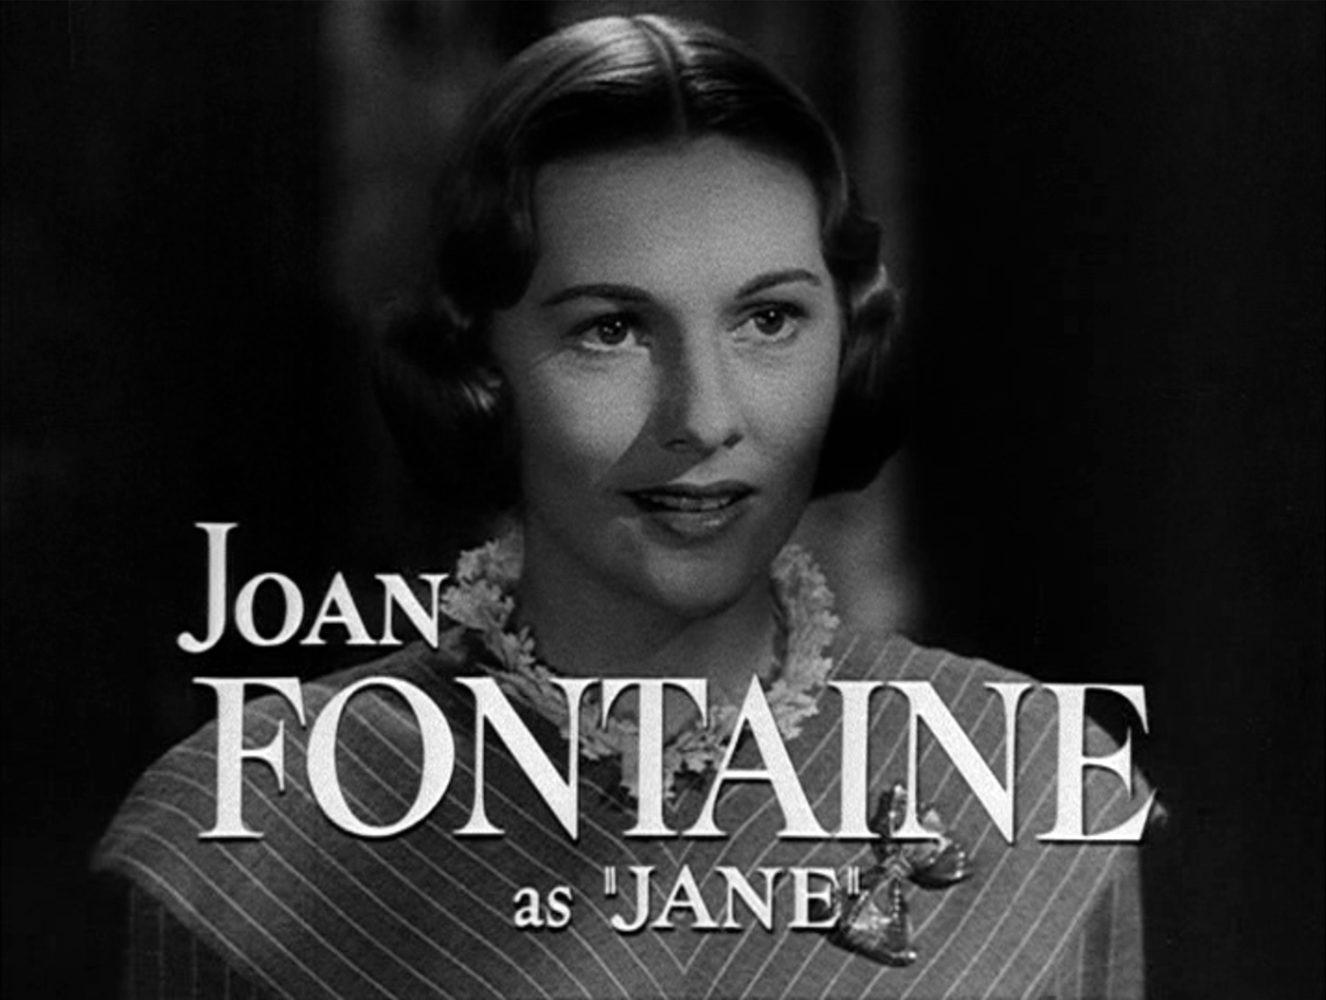 Adaptação de Jane Eyr (1943), dirigida por Robert Stevenson, com roteiro de Aldous Huxley, Stevenson e John Houseman.